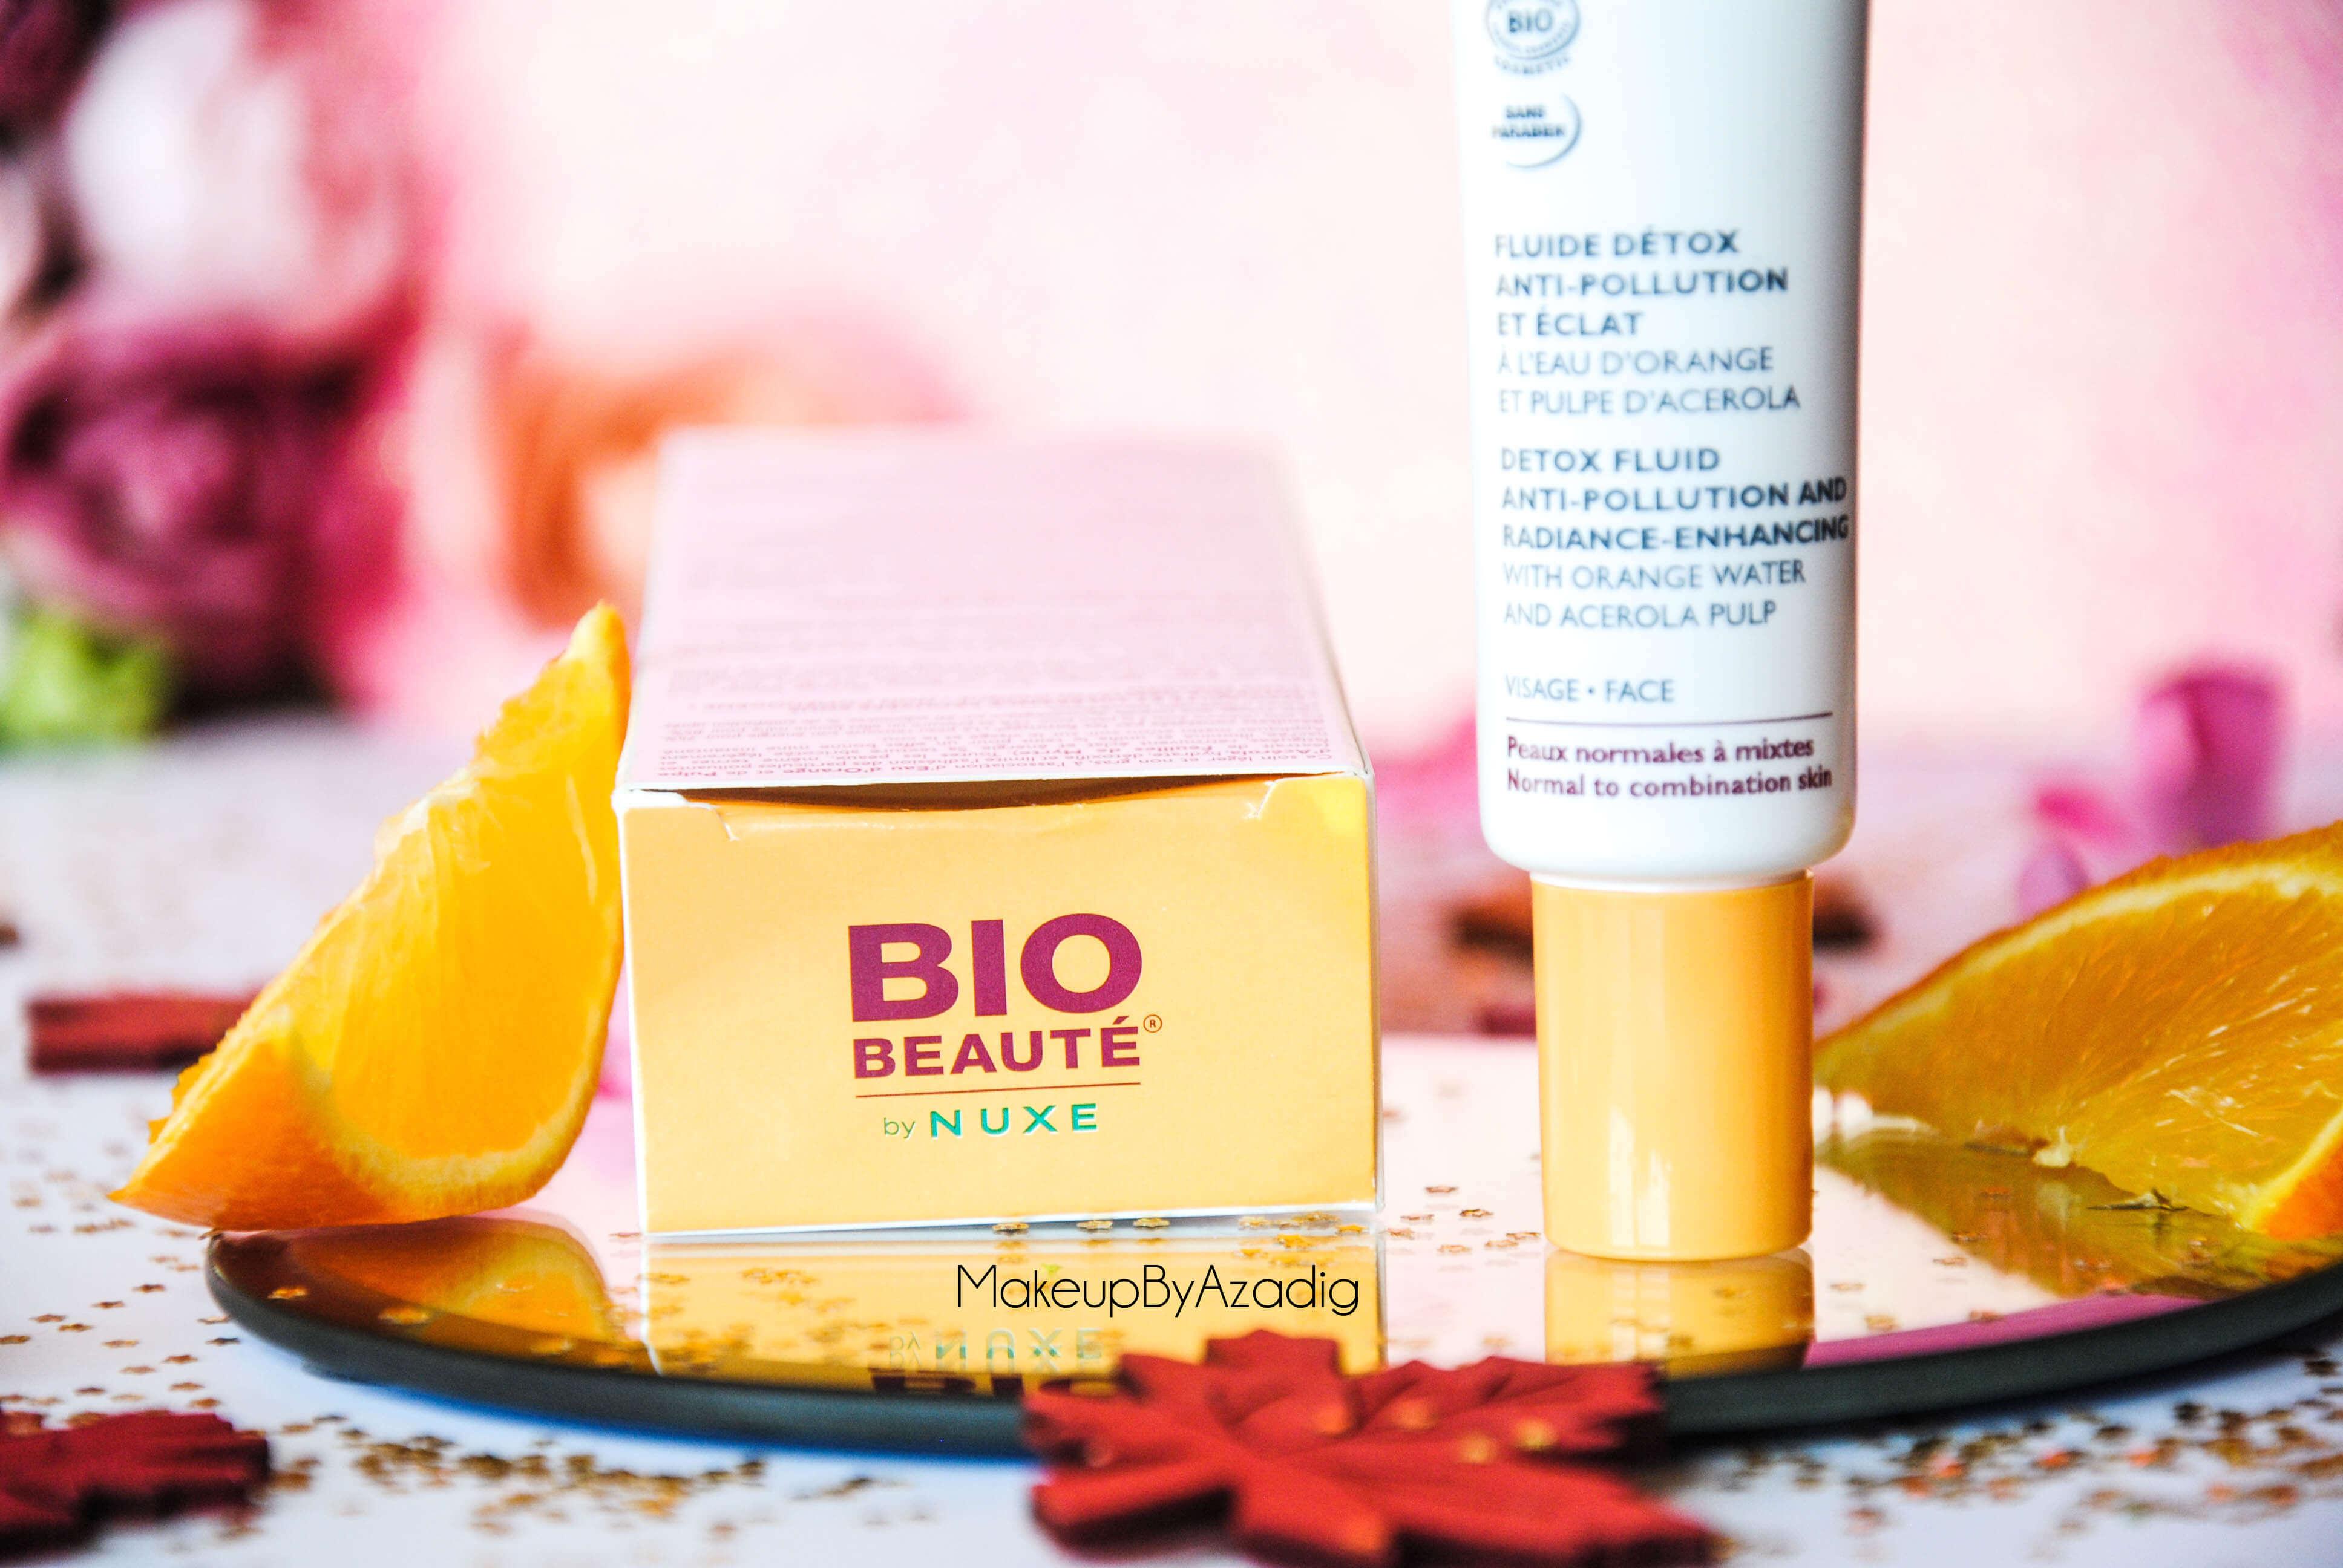 bio-beaute-nuxe-lotion-fluide-creme-contour-des-yeux-masque-orange-acerola-doctipharma-routine-du-matin-detox-eclat-nouvelle-gamme-soin-troyes-makeupbyazadig-blog-revue-review-anti-pollution-bio